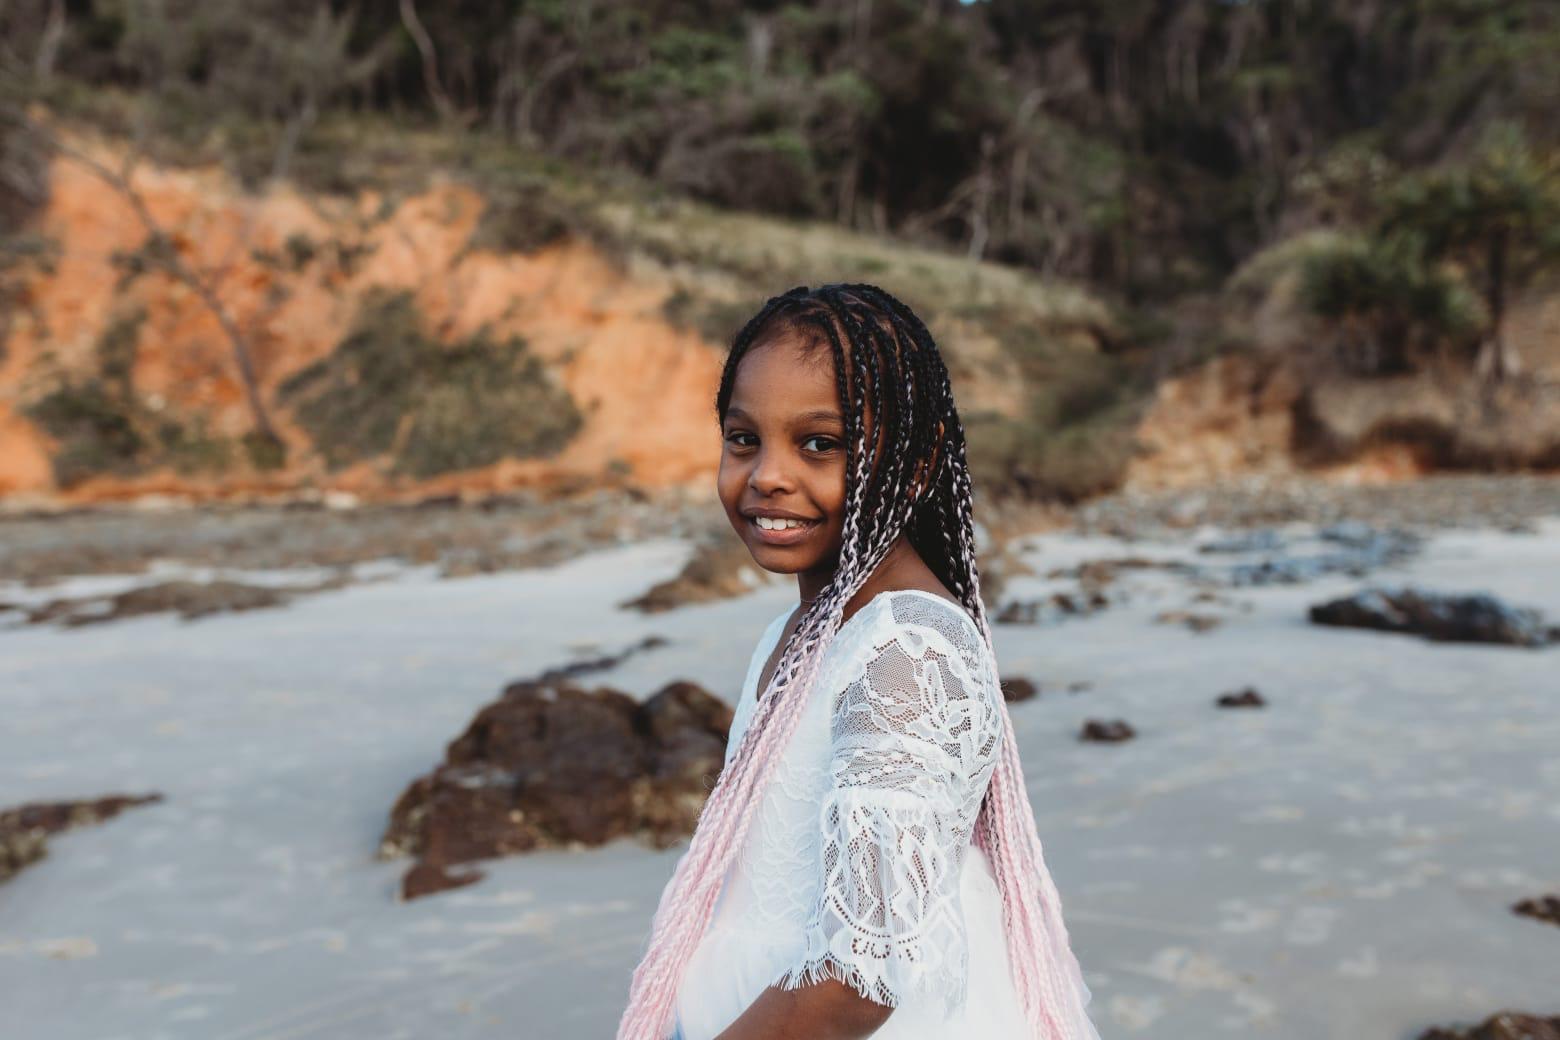 Singer, Mistaspy and Natjassia Okeke's Daughter Ayanna Turns 7